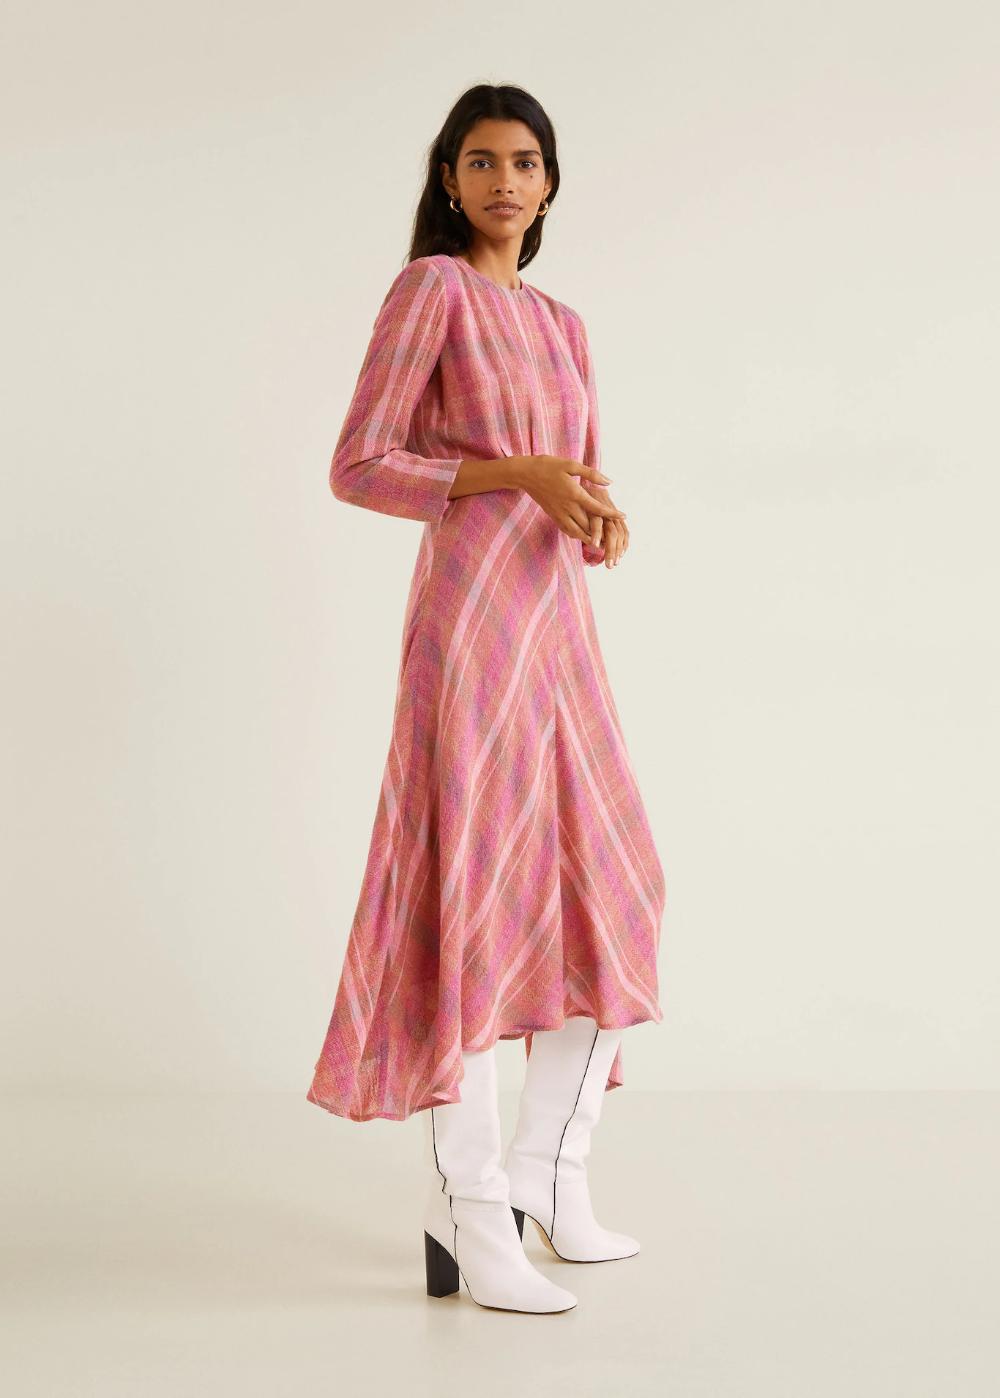 Kariertes midi-kleid - Damen  OUTLET Schweiz  Kleider